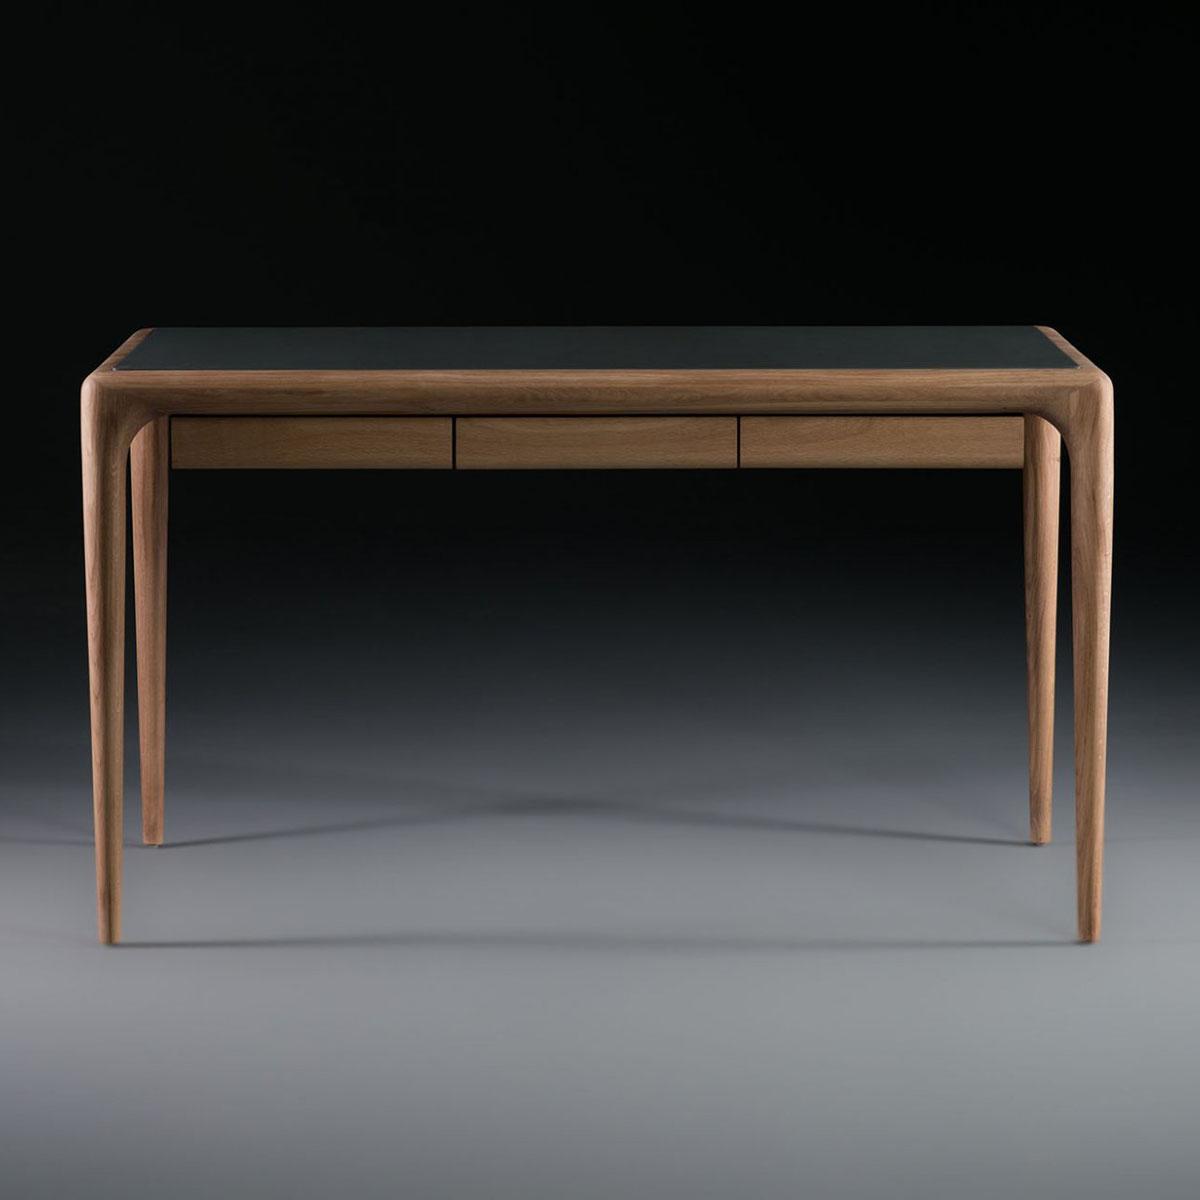 Escritorio Latus en madera y cuero, diseño moderno y elegante en Europa